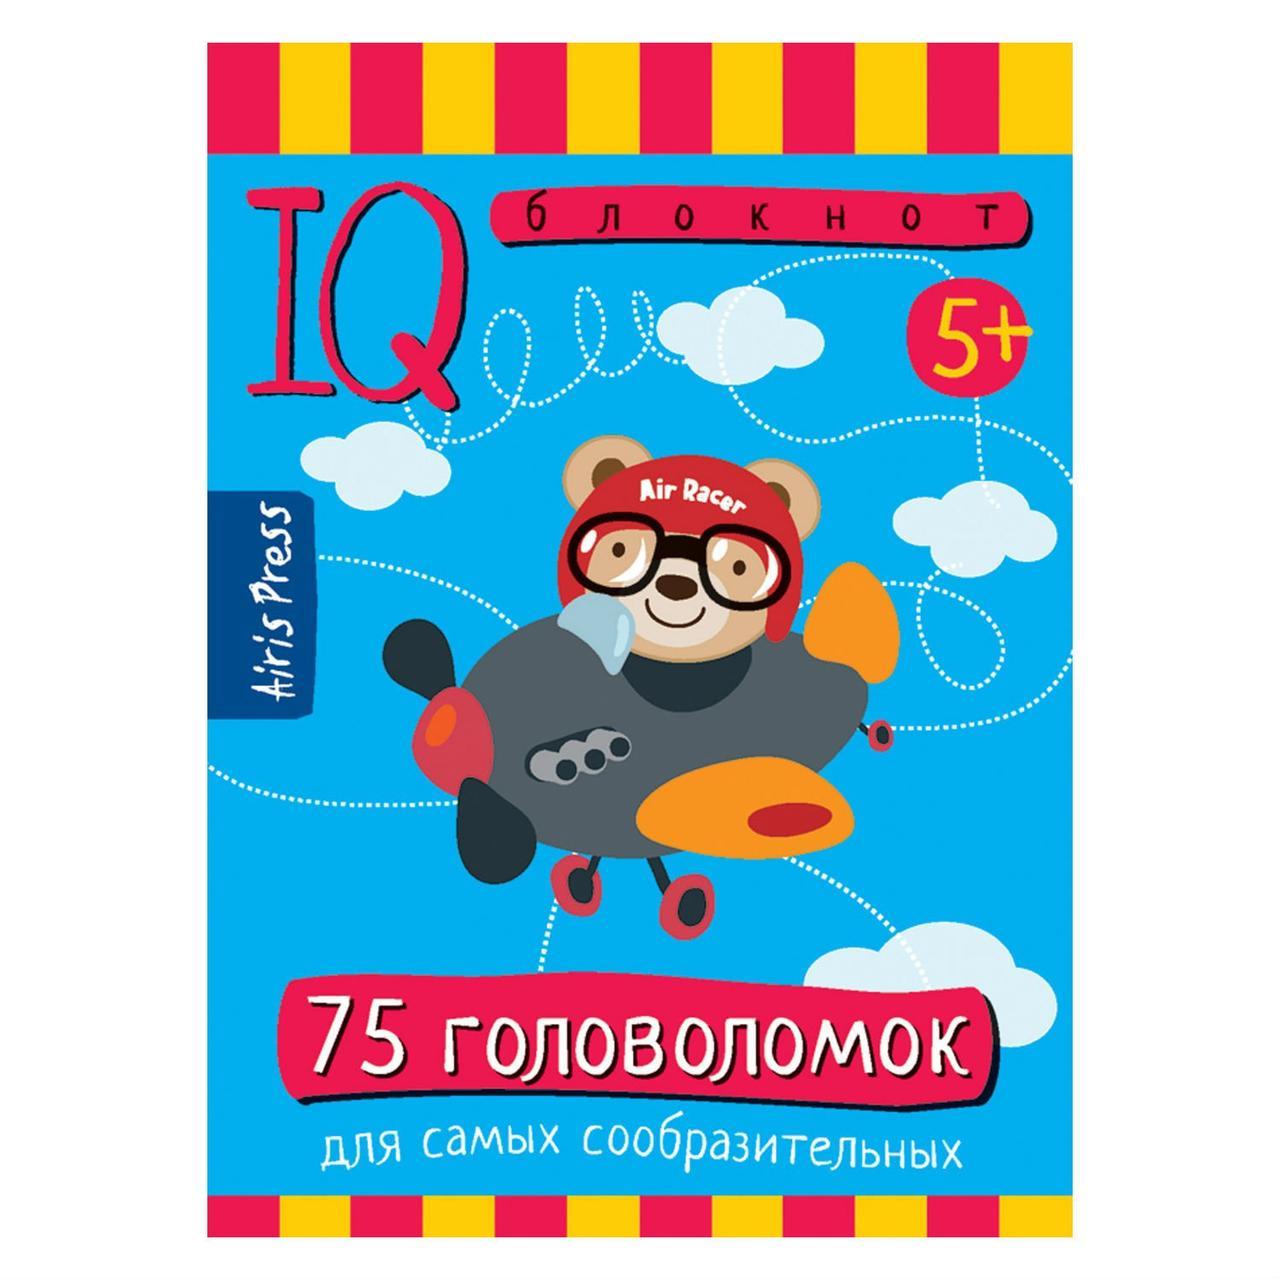 Обучающий IQ Блокнот 75 головоломок, 5+